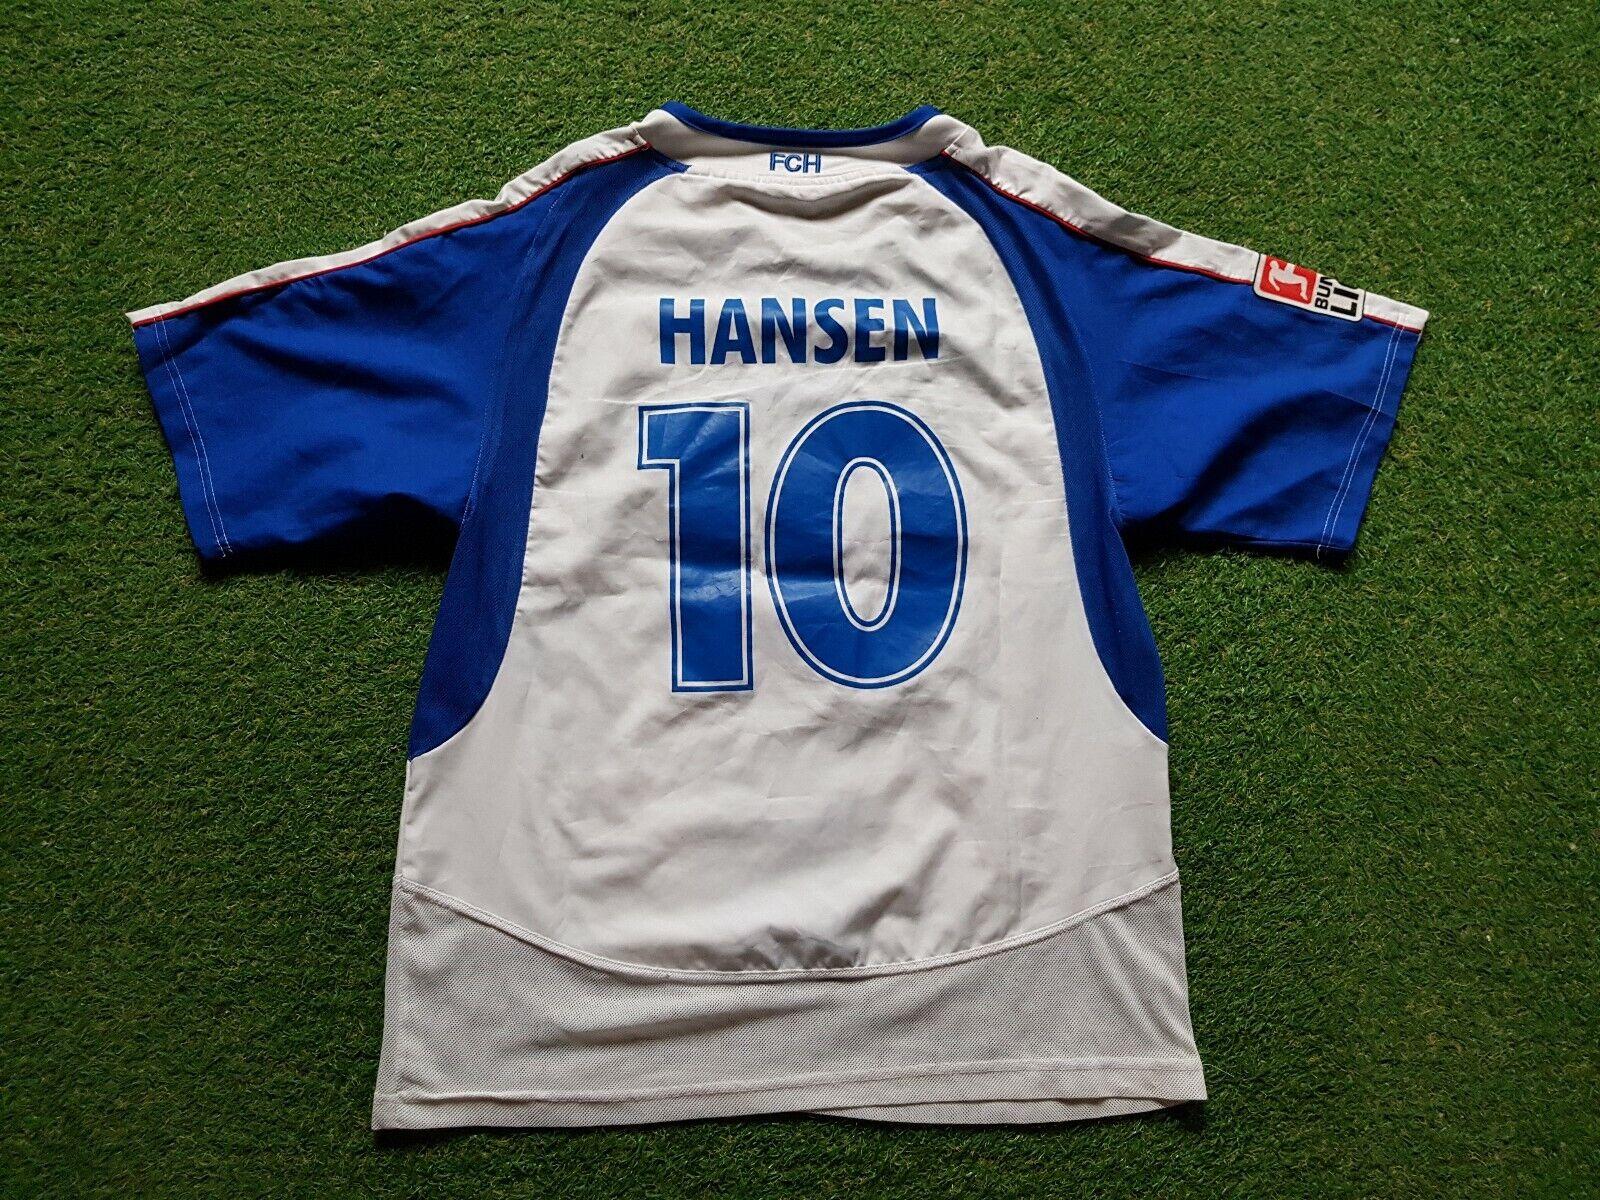 FC Hansa Rostock Maglia S 2005 2006 Jako Camicia 40 40 40 Anni Anniversario Neue Leben 630